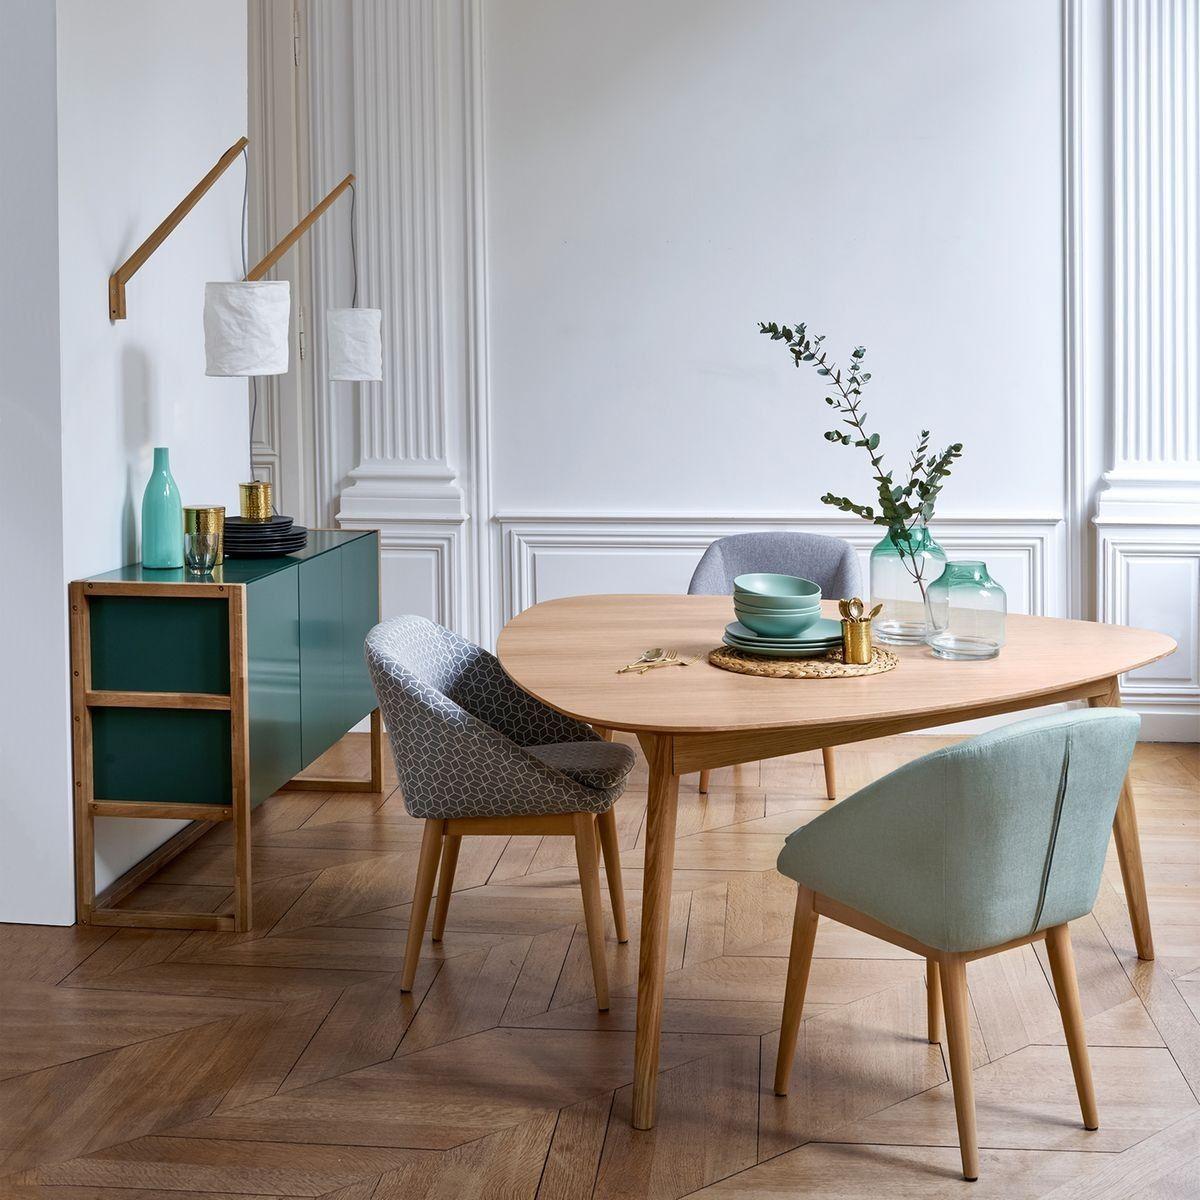 Fauteuil De Table Jimi La Redoute Interieurs La Redoute Table A Manger Triangulaire Table Salle A Manger Table Triangulaire